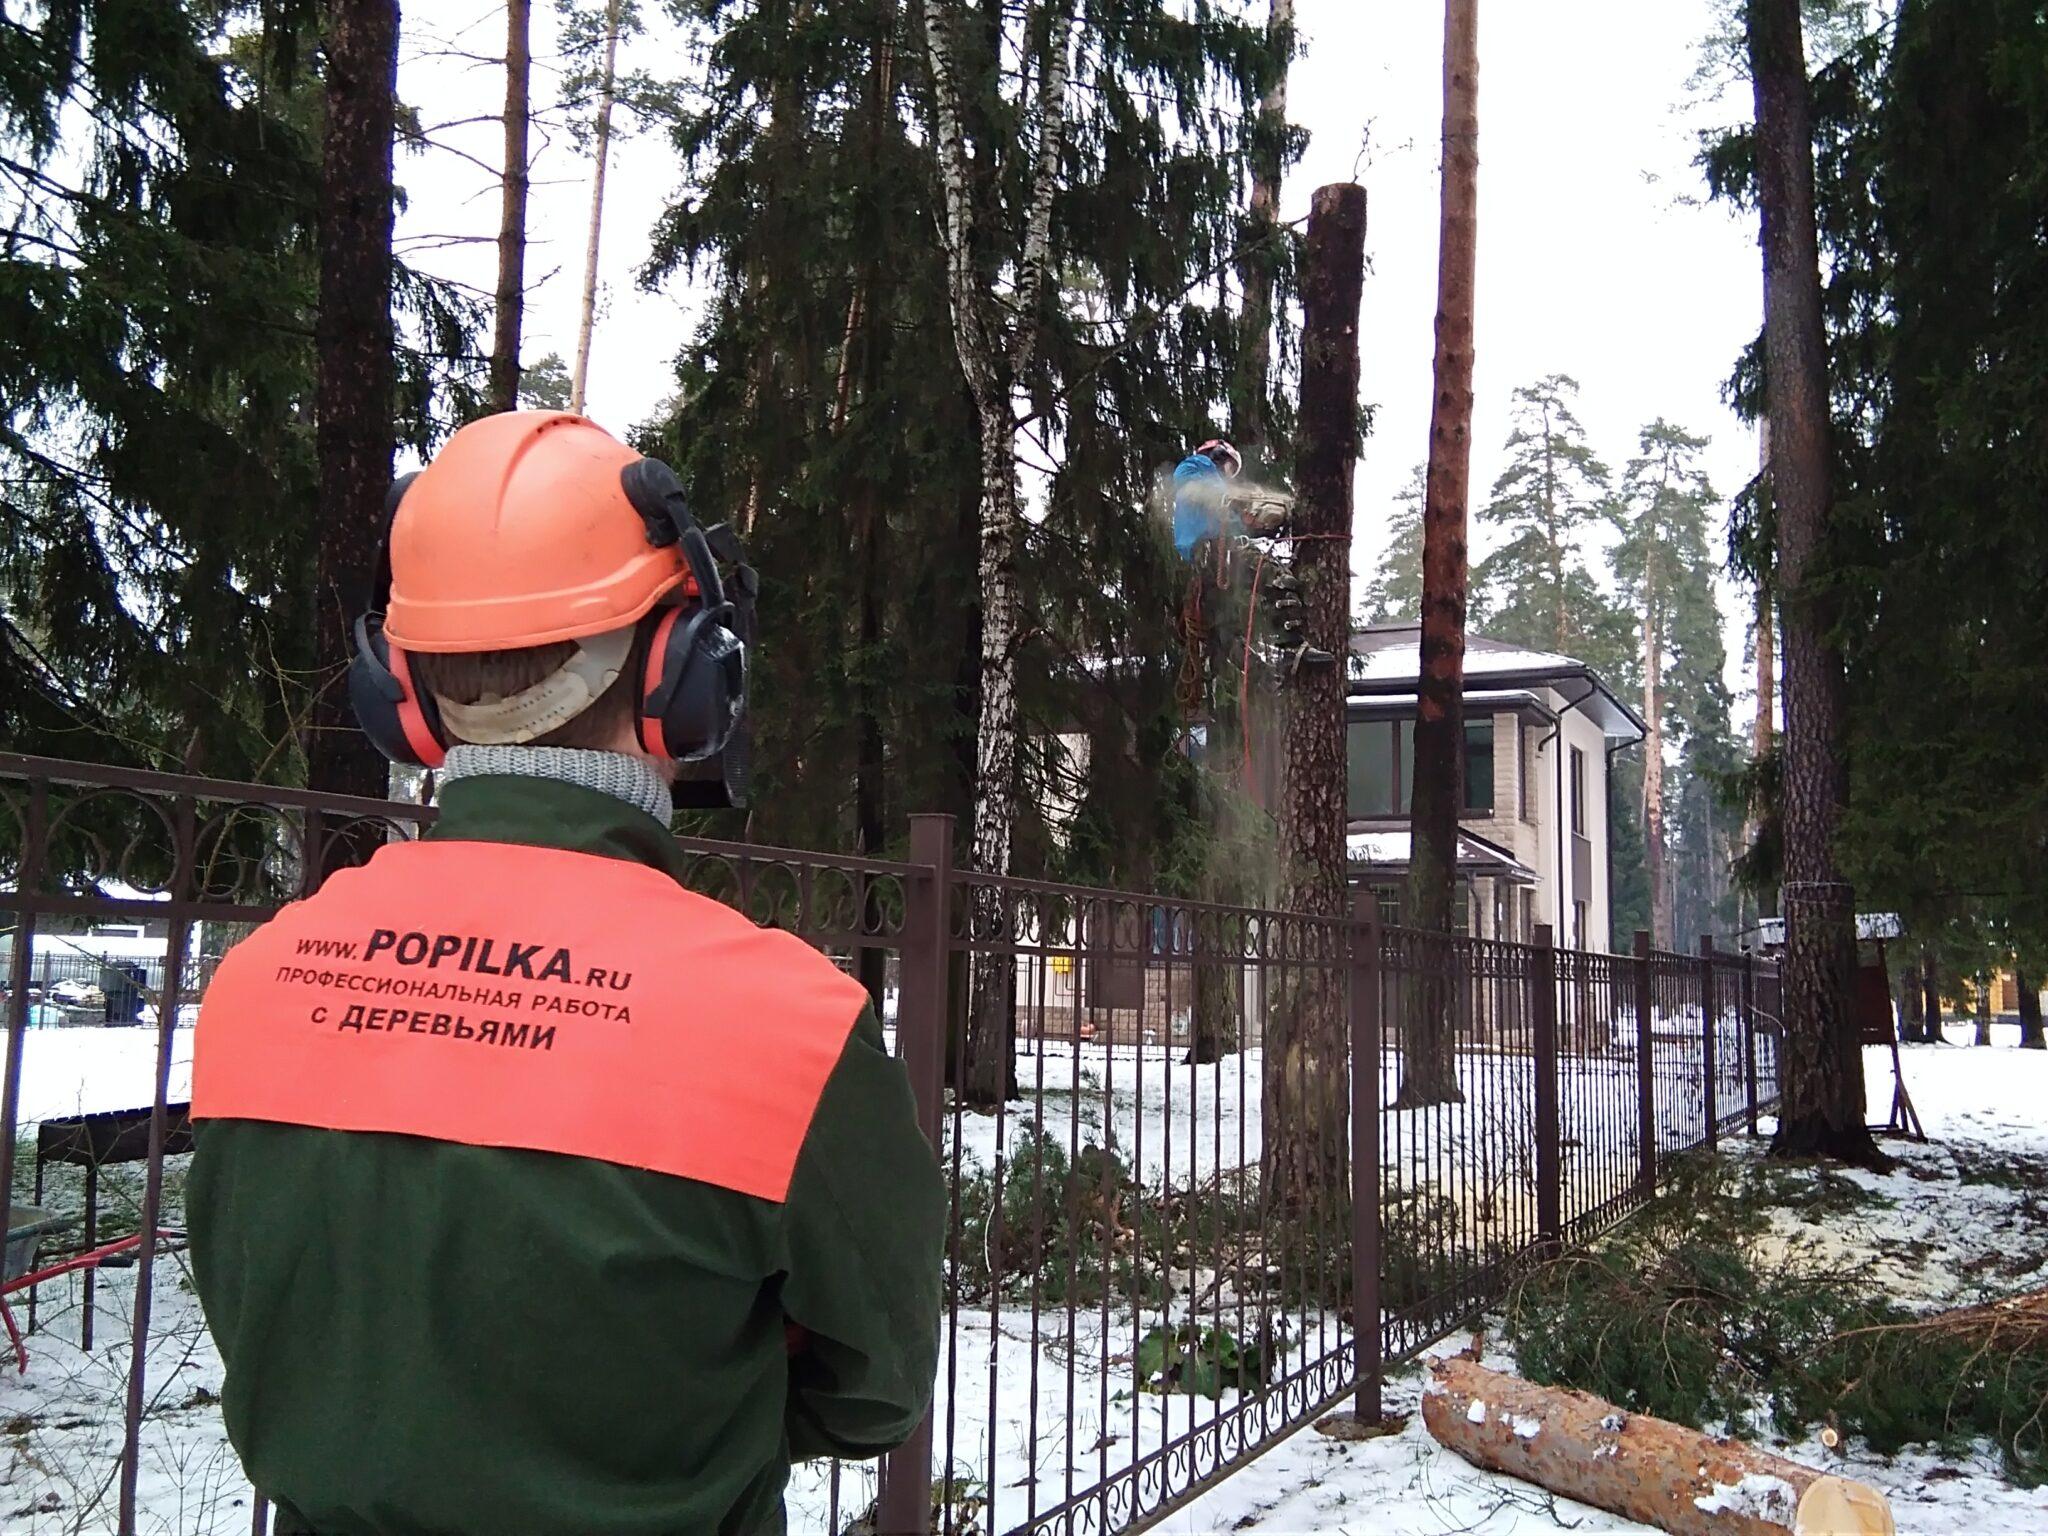 Спиливание 4 деревьев в коттеджном поселке Чистые пруды 3, Пушкинский район, Московская область